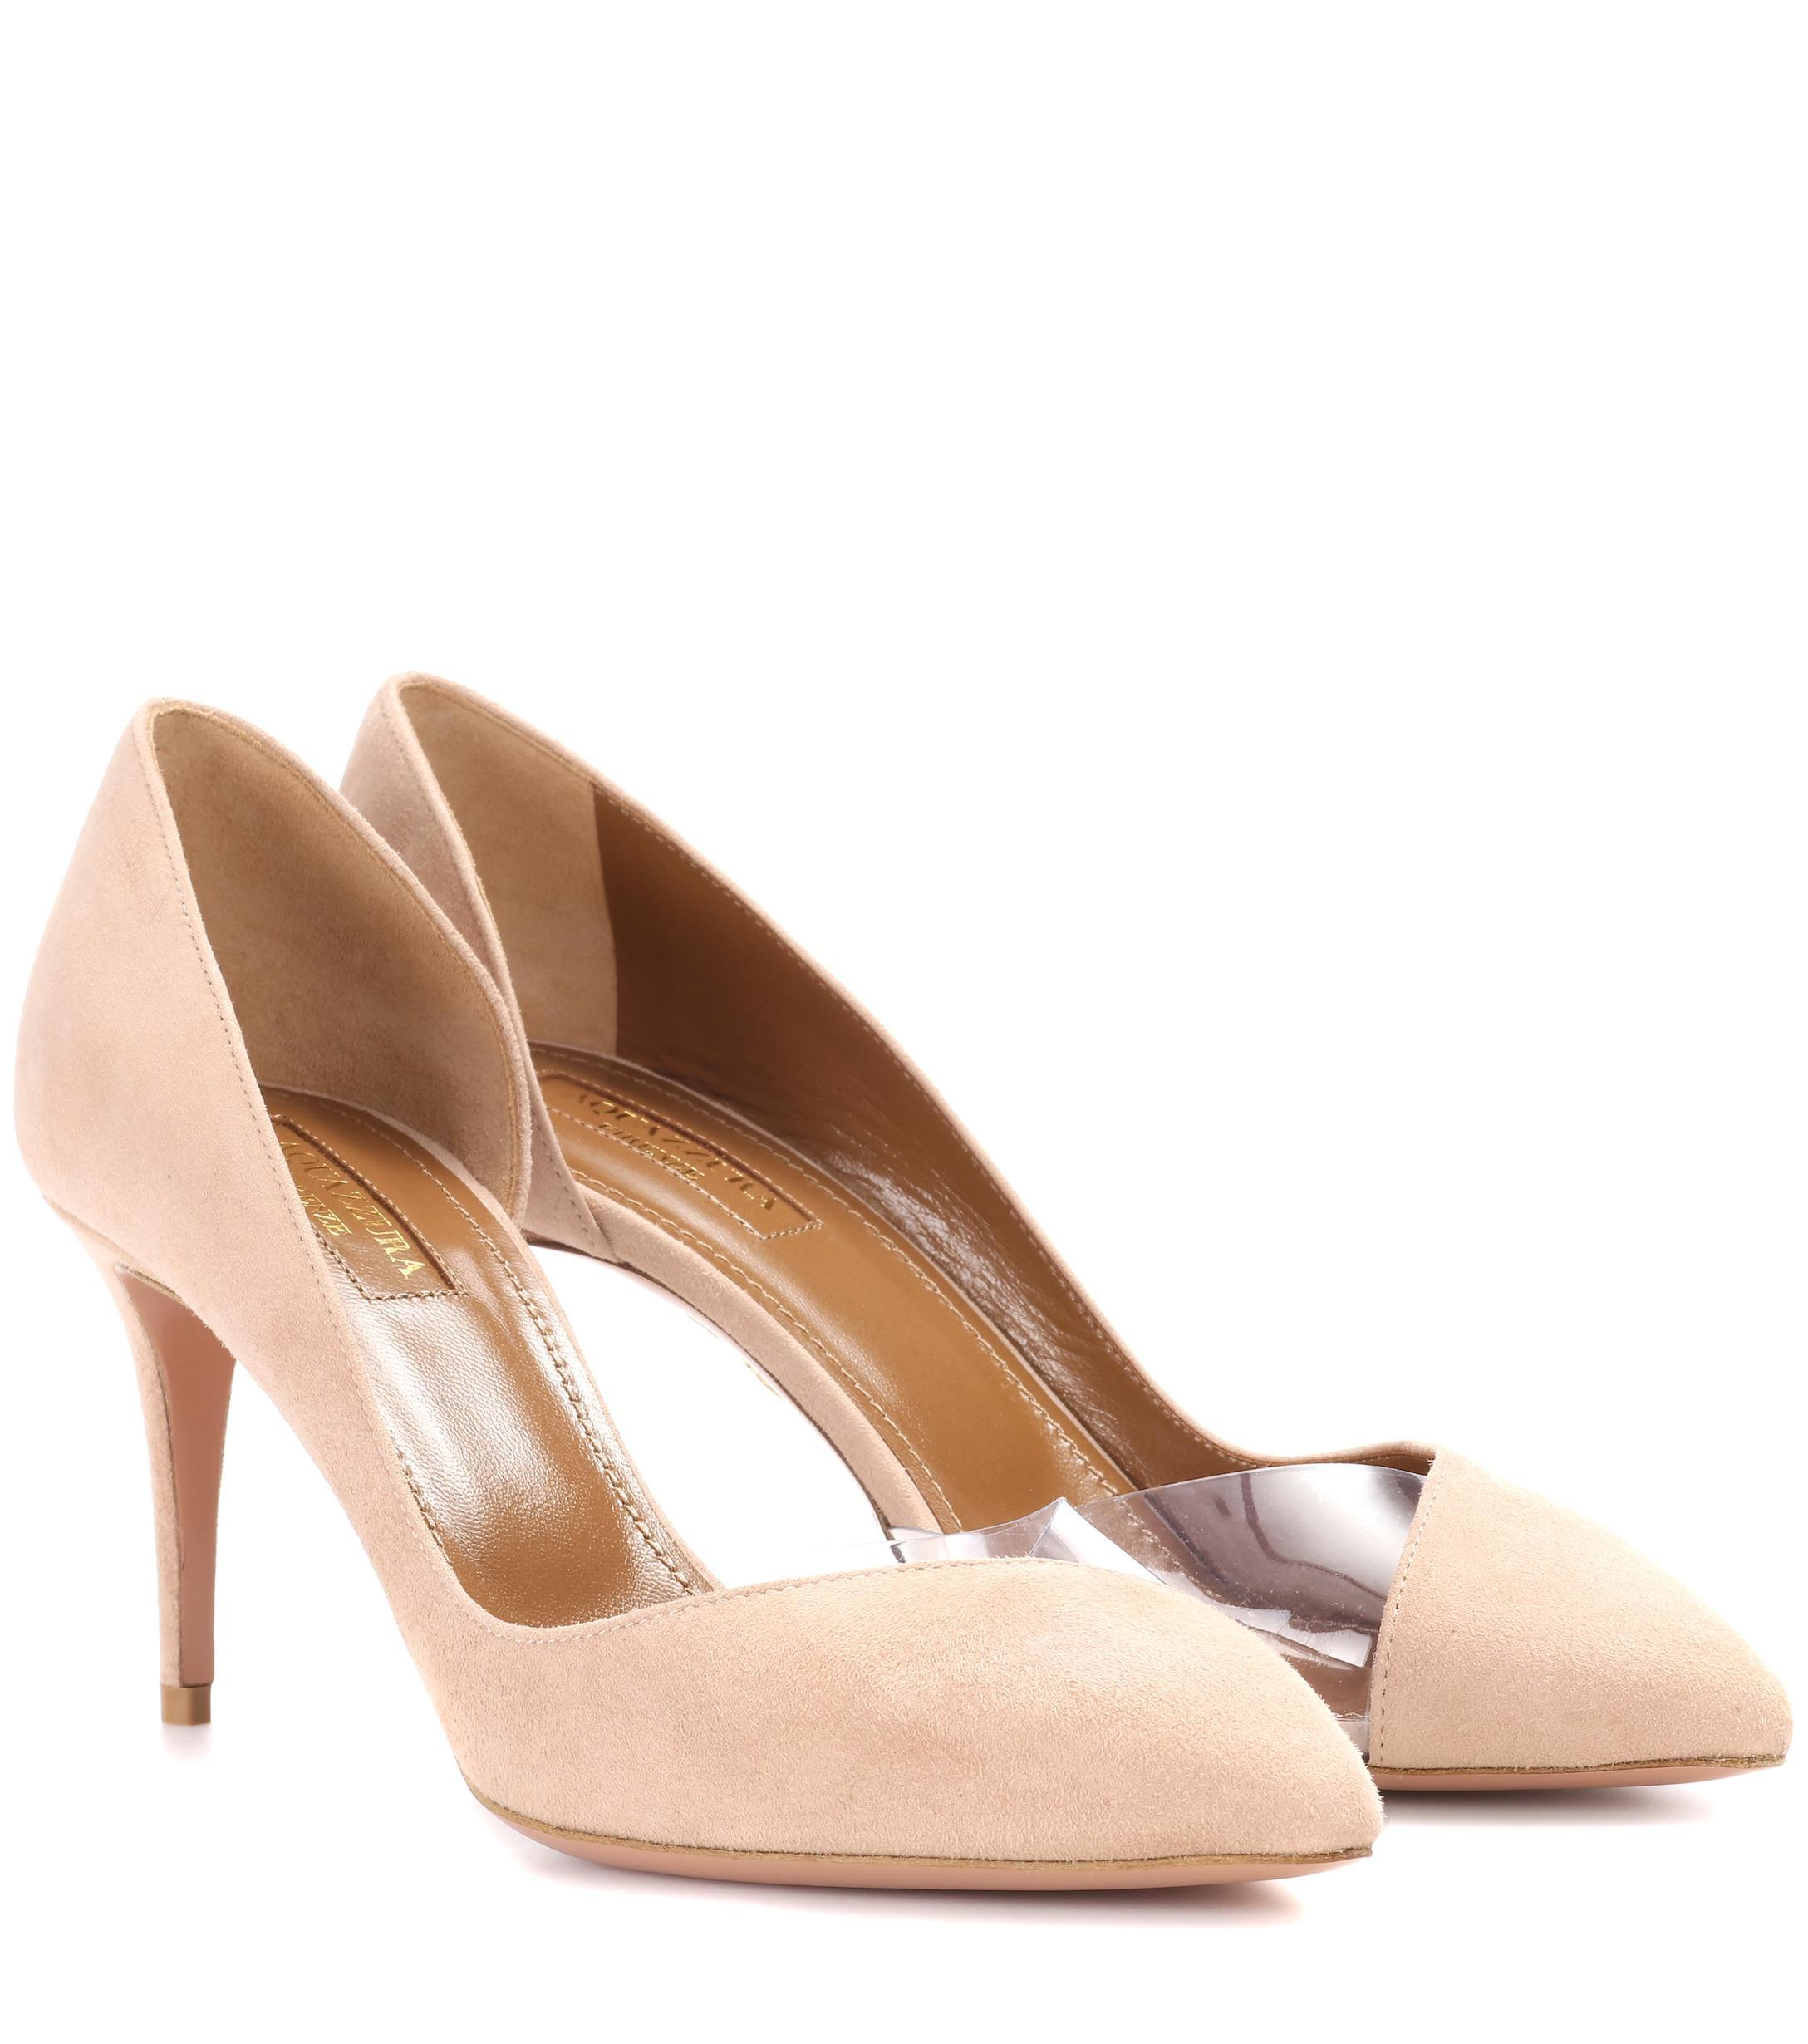 3245dc948b8 Aquazzura. Women s Pink Eclipse 75 Suede Court Shoes